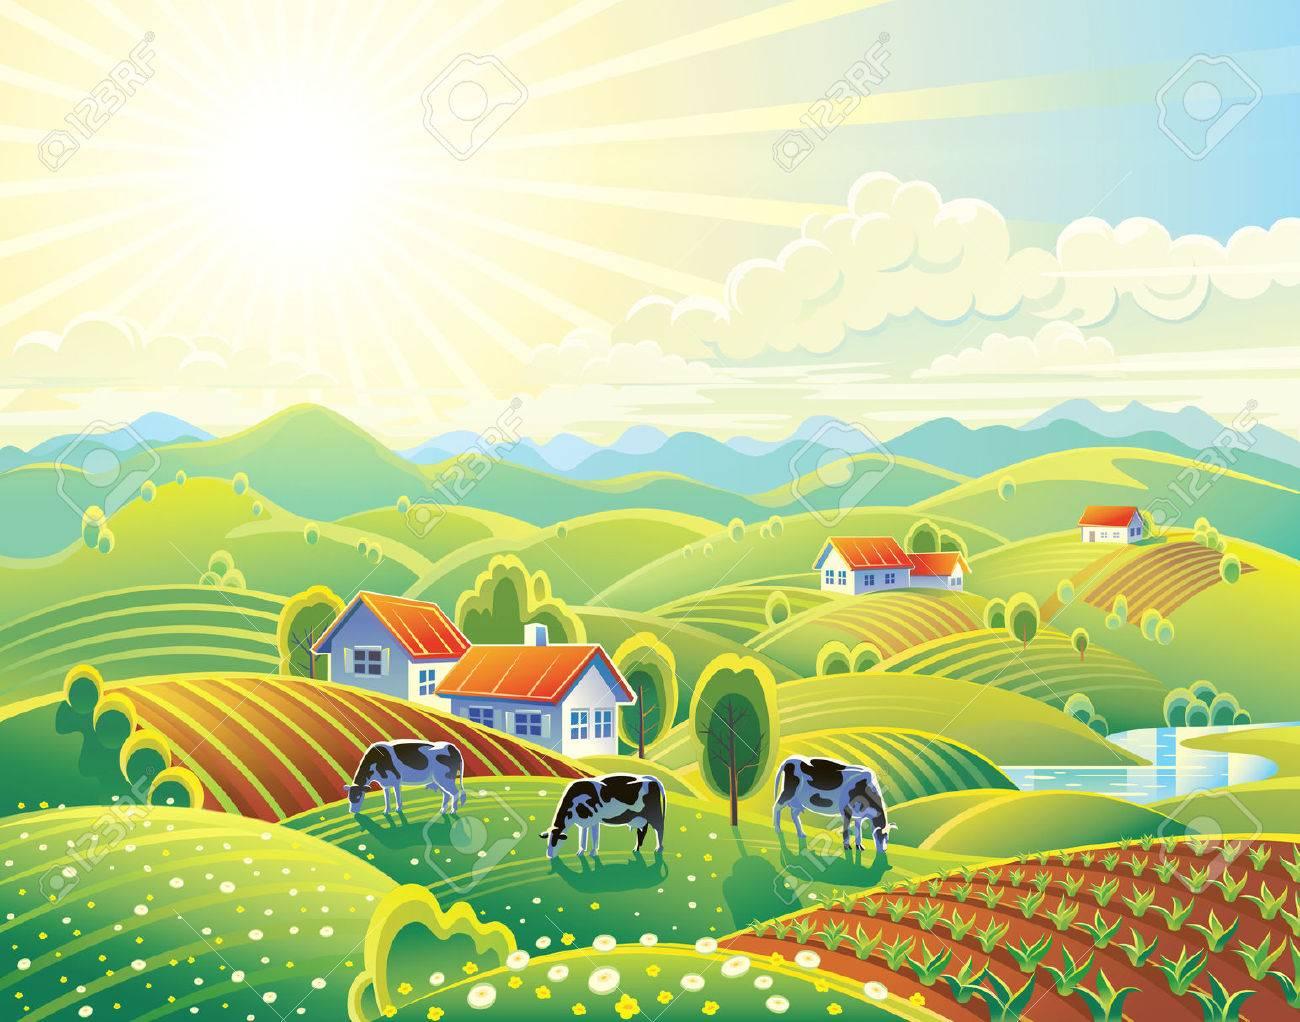 Summer rural landscape with village. - 60005886